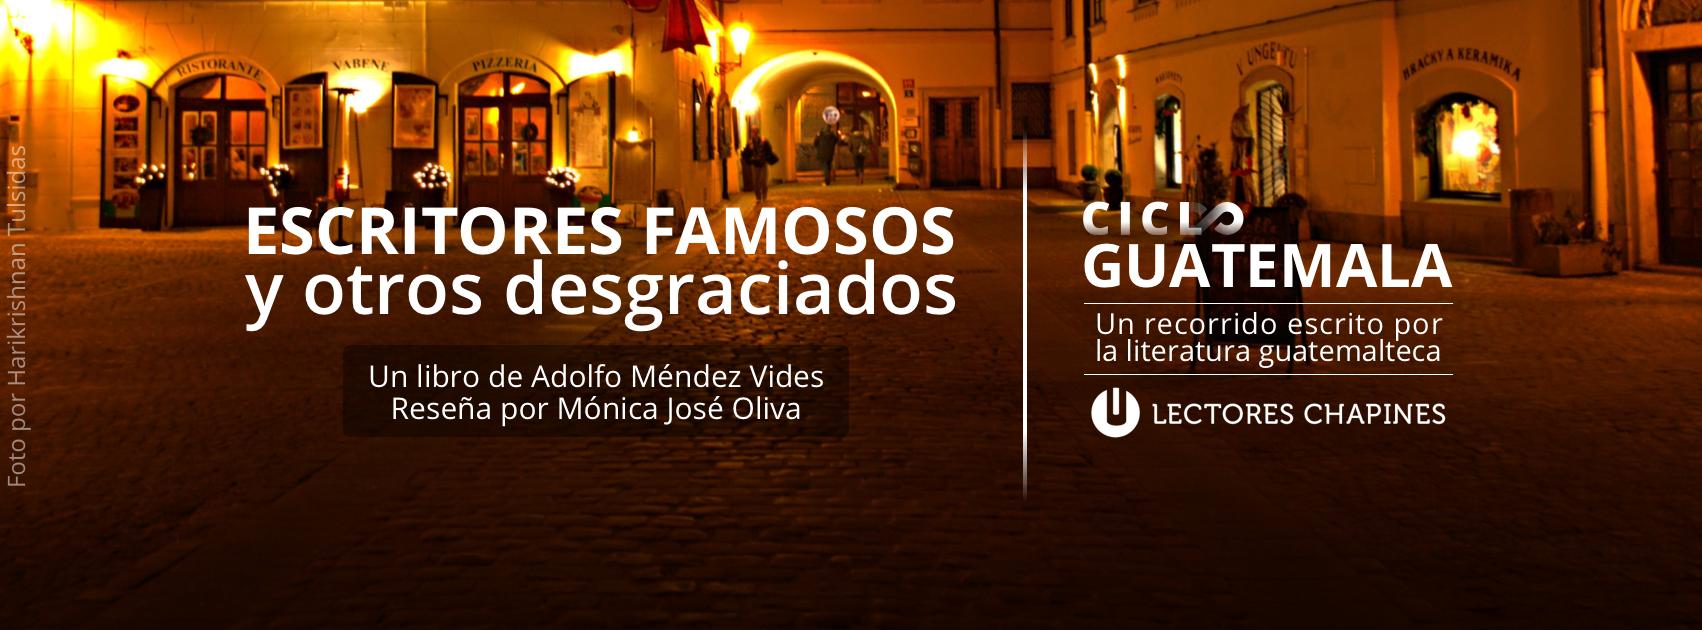 Escritores famosos y otros desgraciados de Méndez Vides